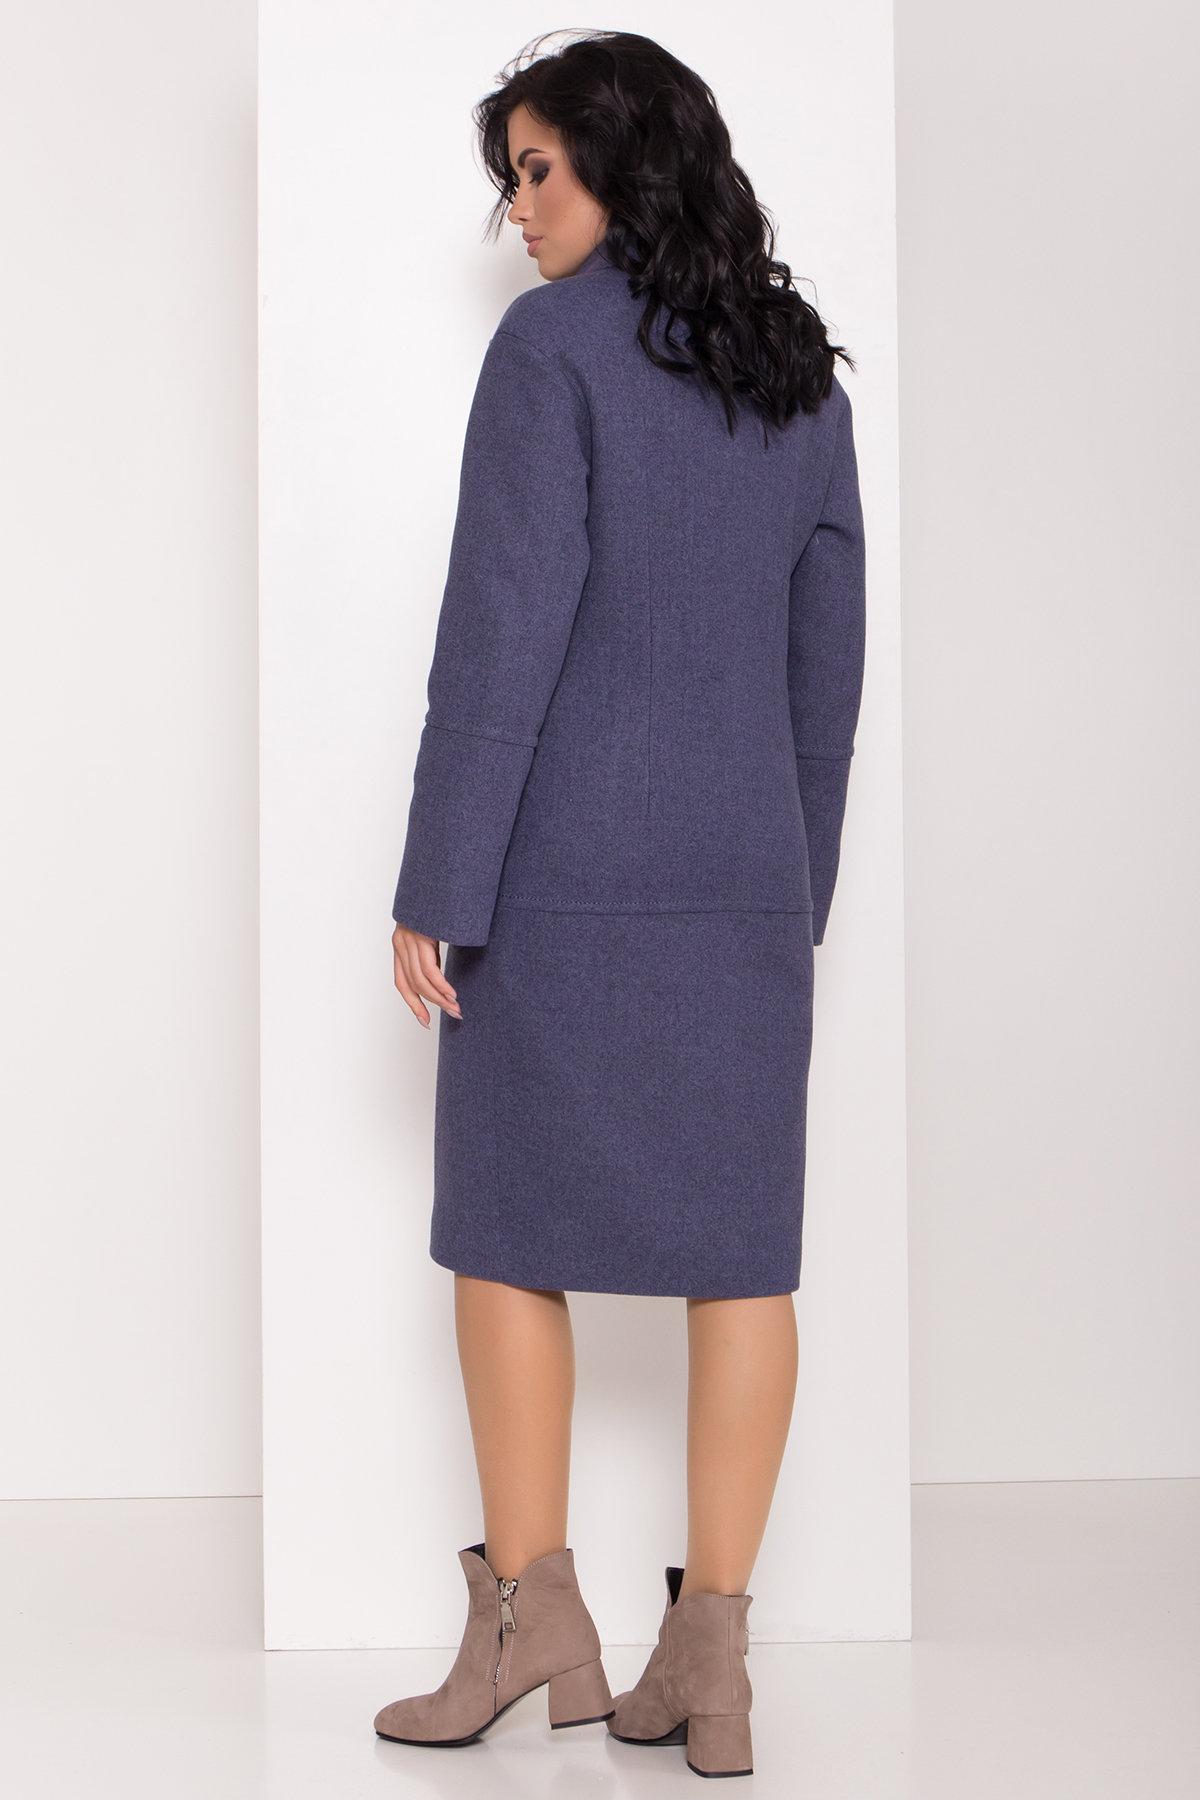 Элегантное зимнее пальто миди длины с накладными карманами Флорида 8138 АРТ. 44114 Цвет: Джинс тёмно-синий - фото 5, интернет магазин tm-modus.ru